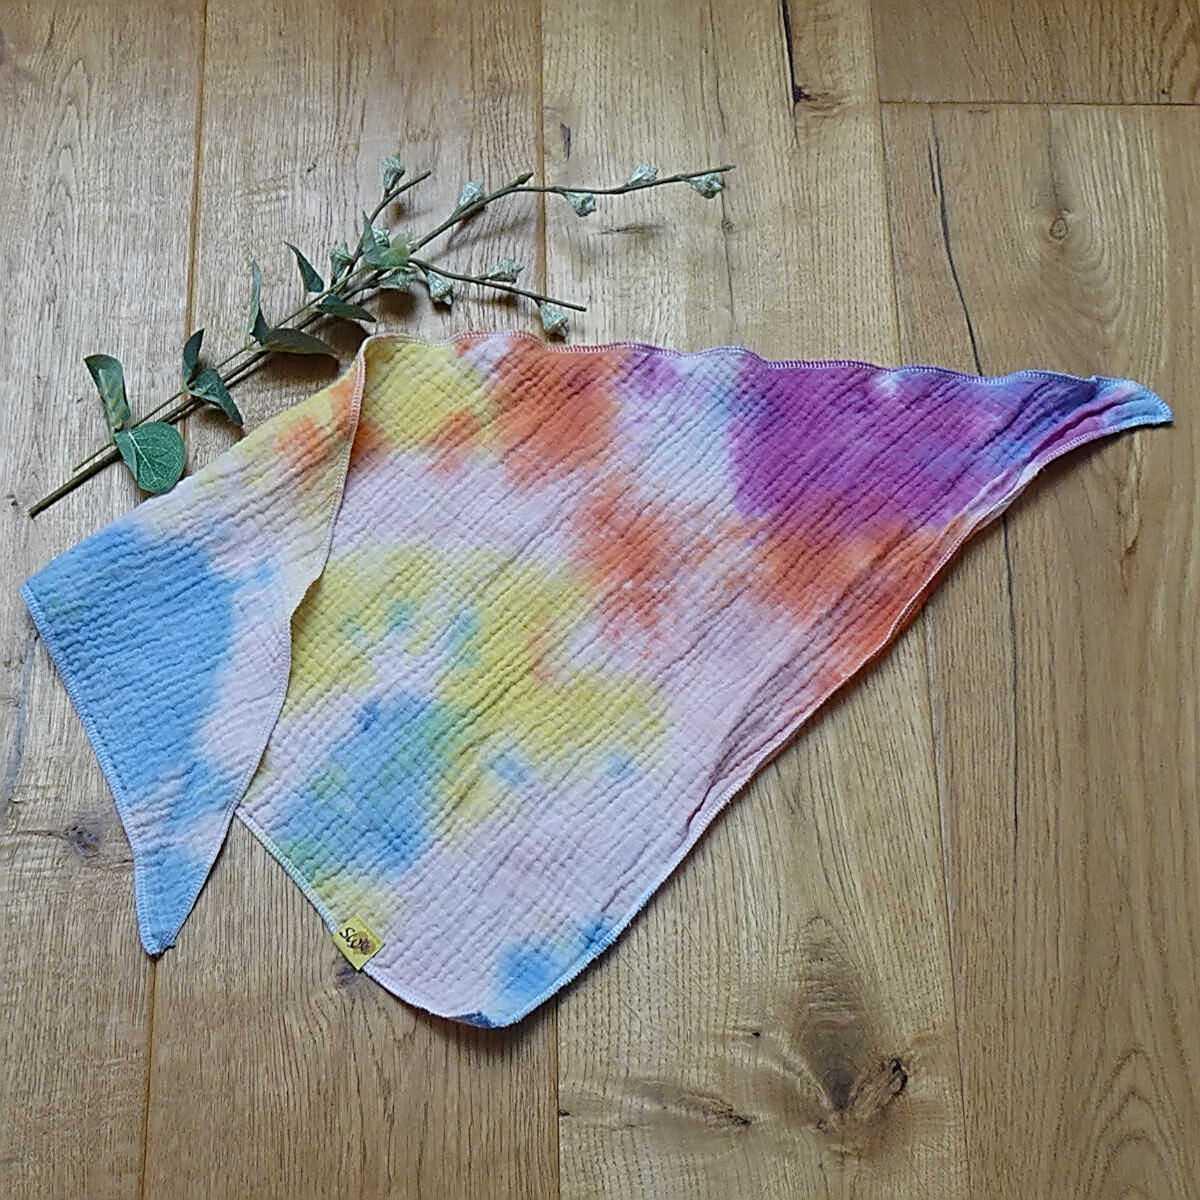 """weiches, kuscheliges Musselin-Halstuch zum Knoten mit Muster """"Batik hellblau, lila, orange, gelb"""""""